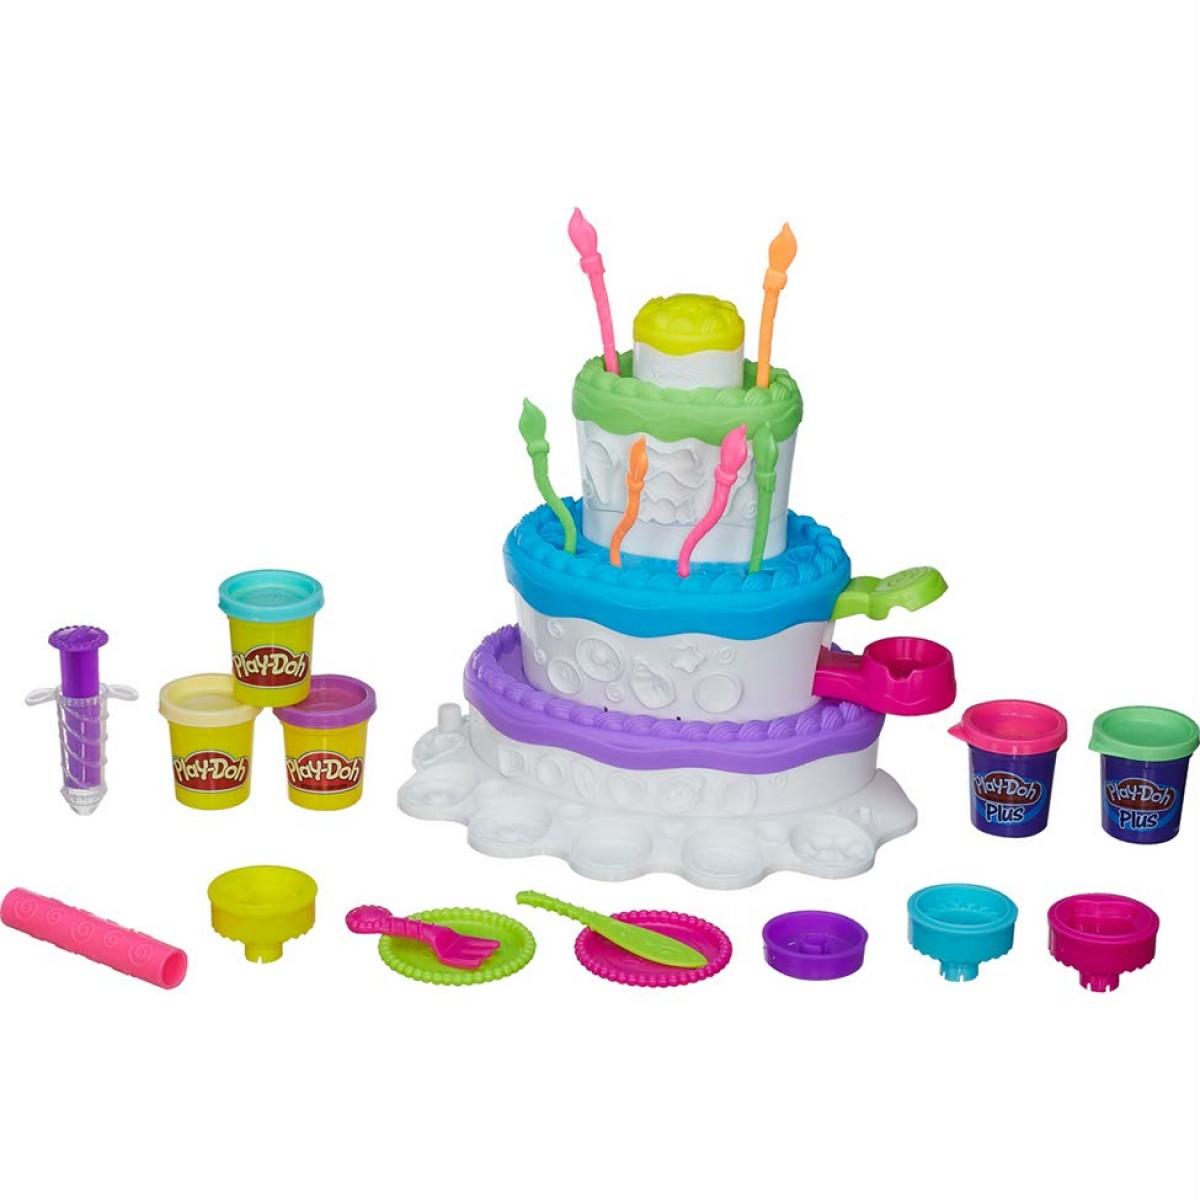 Купить Праздничный торт Play-Doh, Hasbro